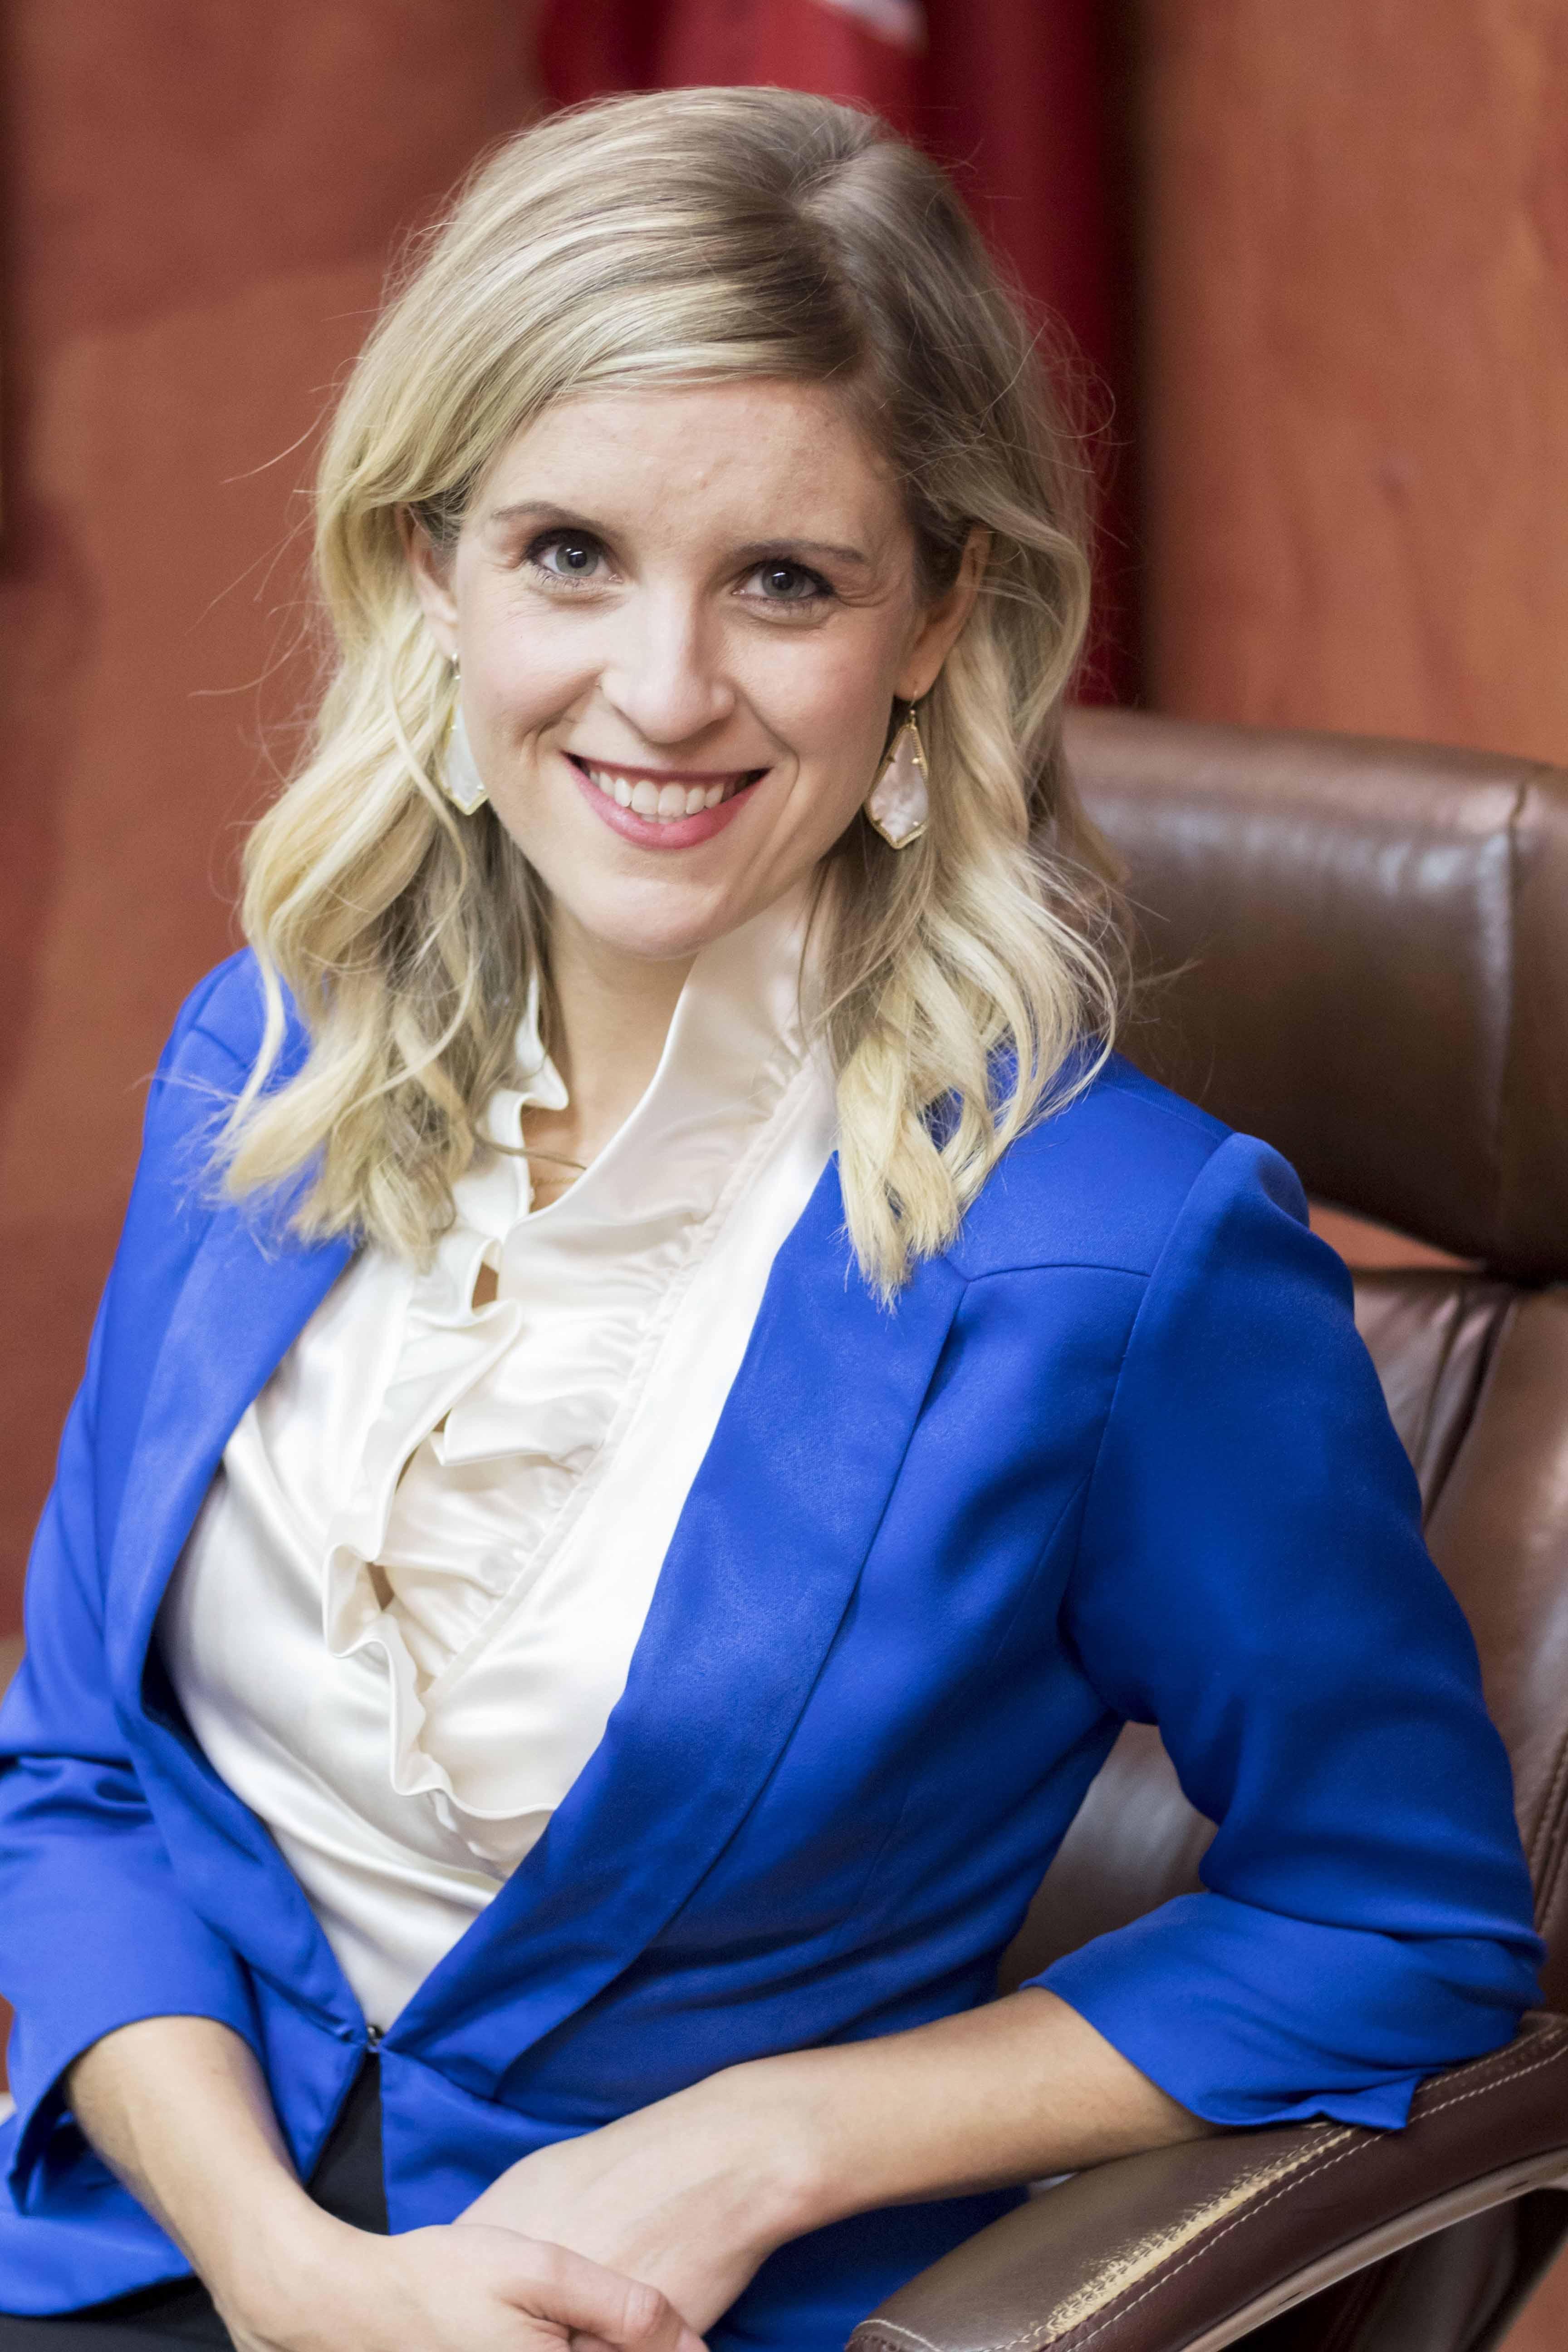 Meredith Wooten